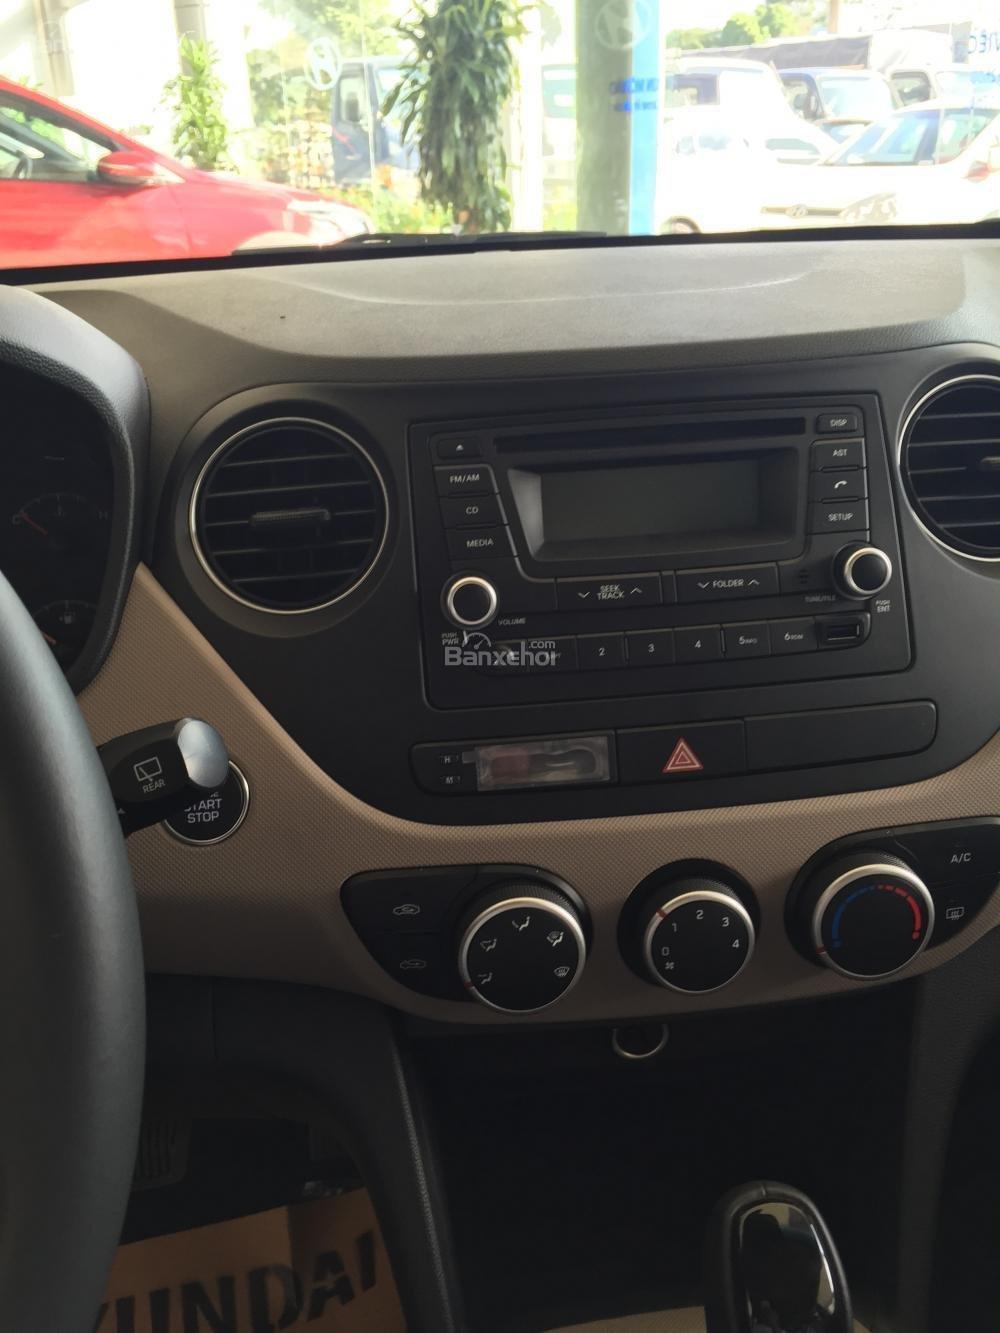 Tin hot! Bán xe Hyundai Grand i10 mới nhất, giá rẻ, khuyến mại hấp dẫn, mua trả góp-7